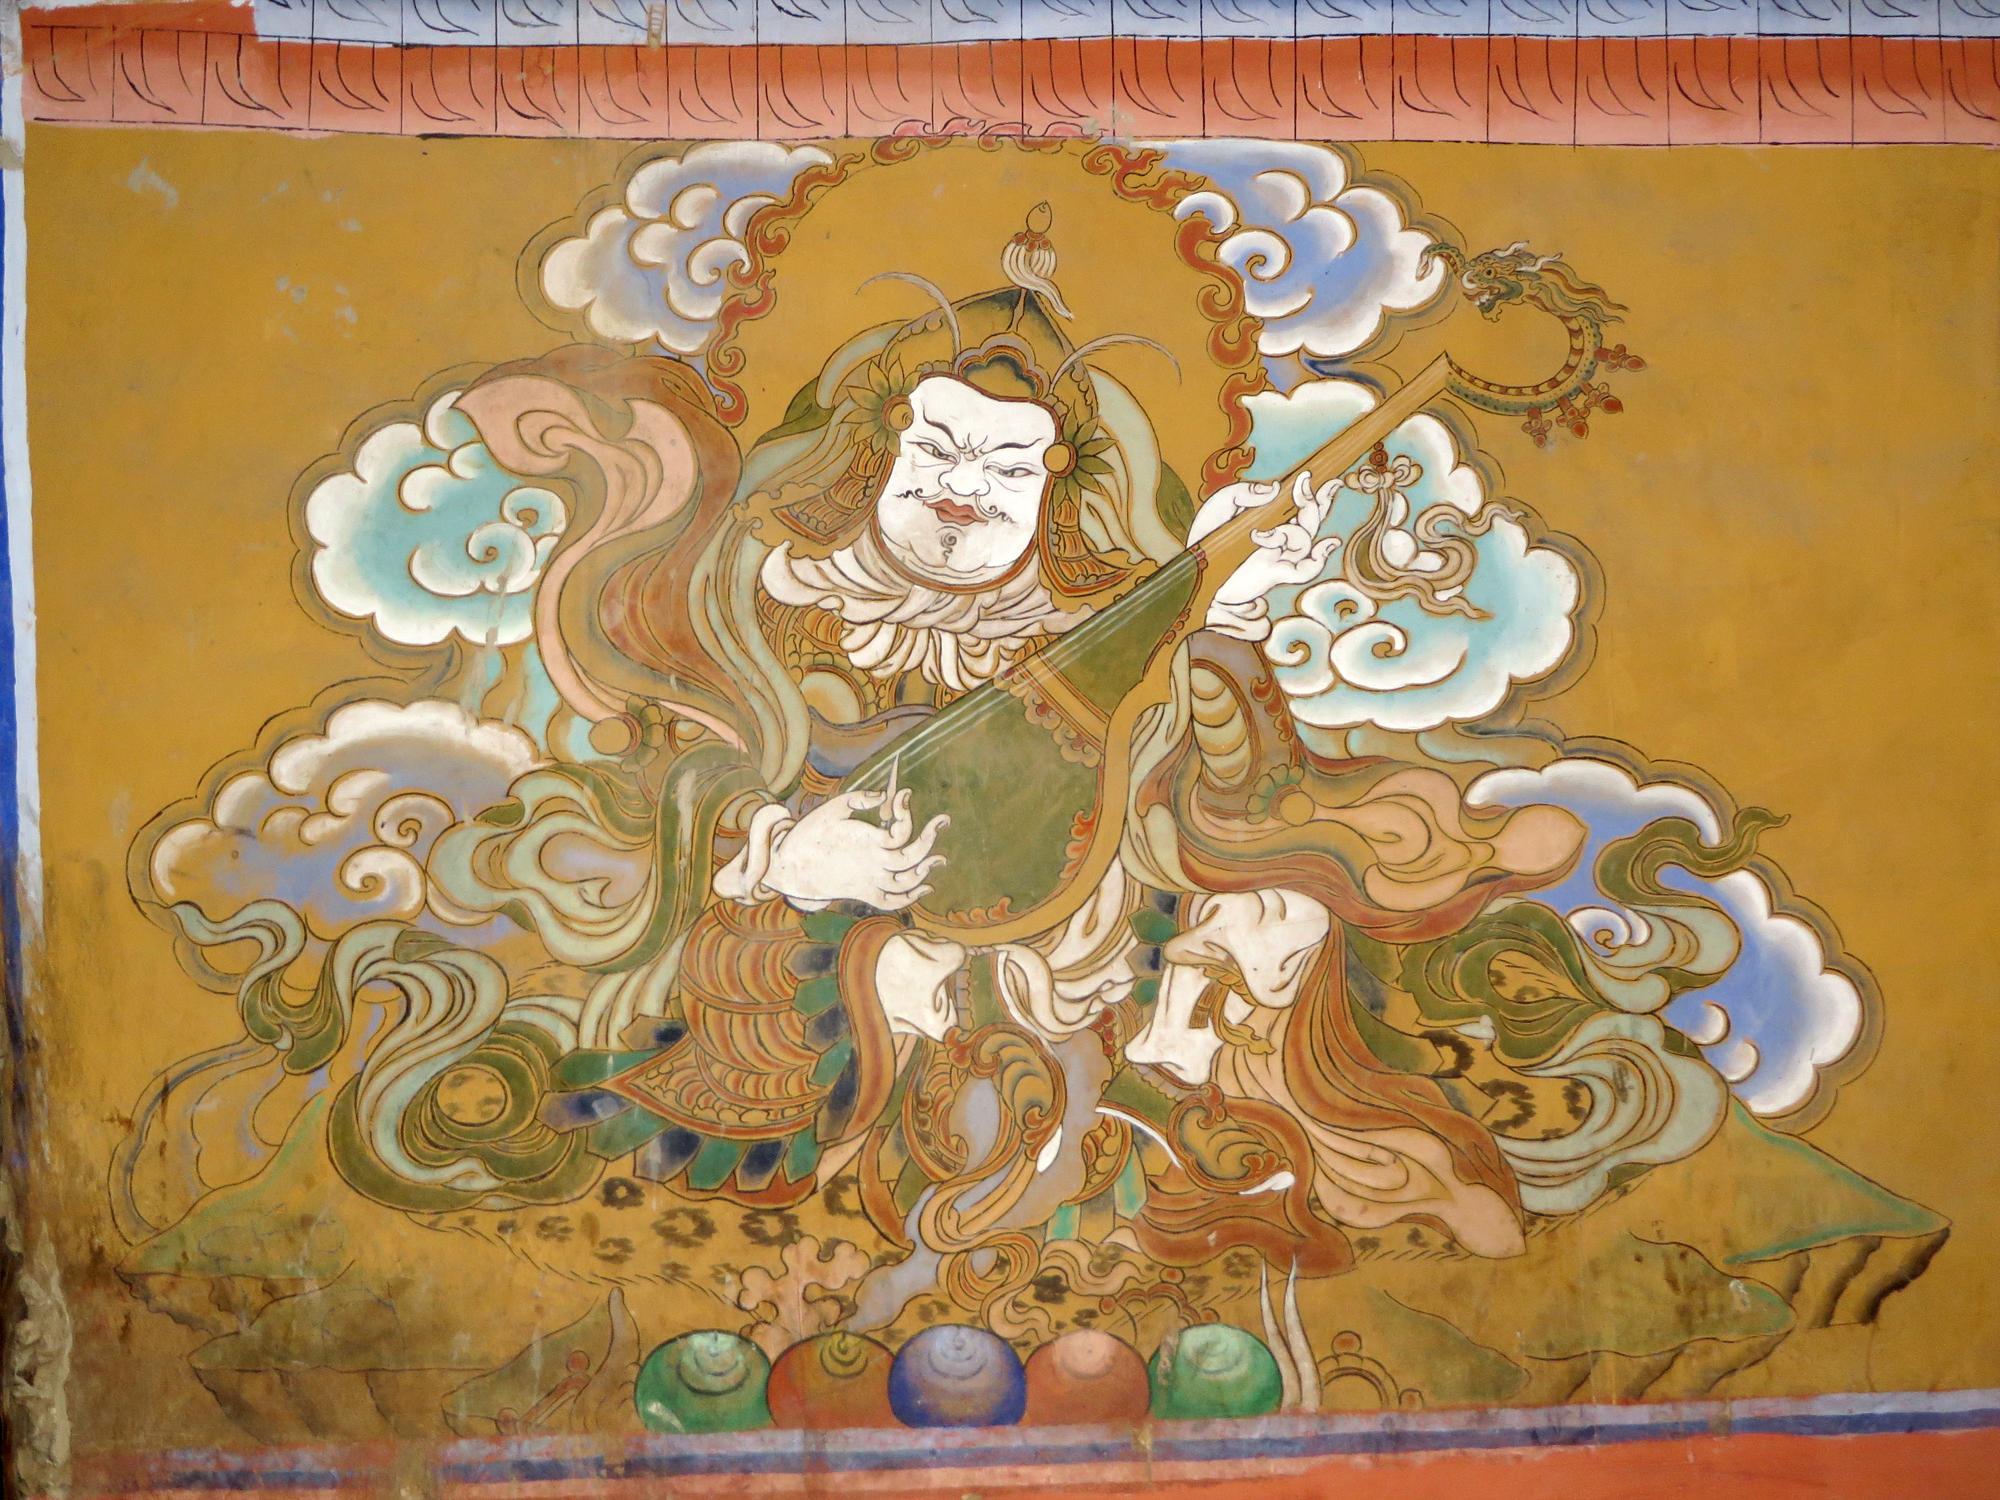 Guru Rinpoche fresco2